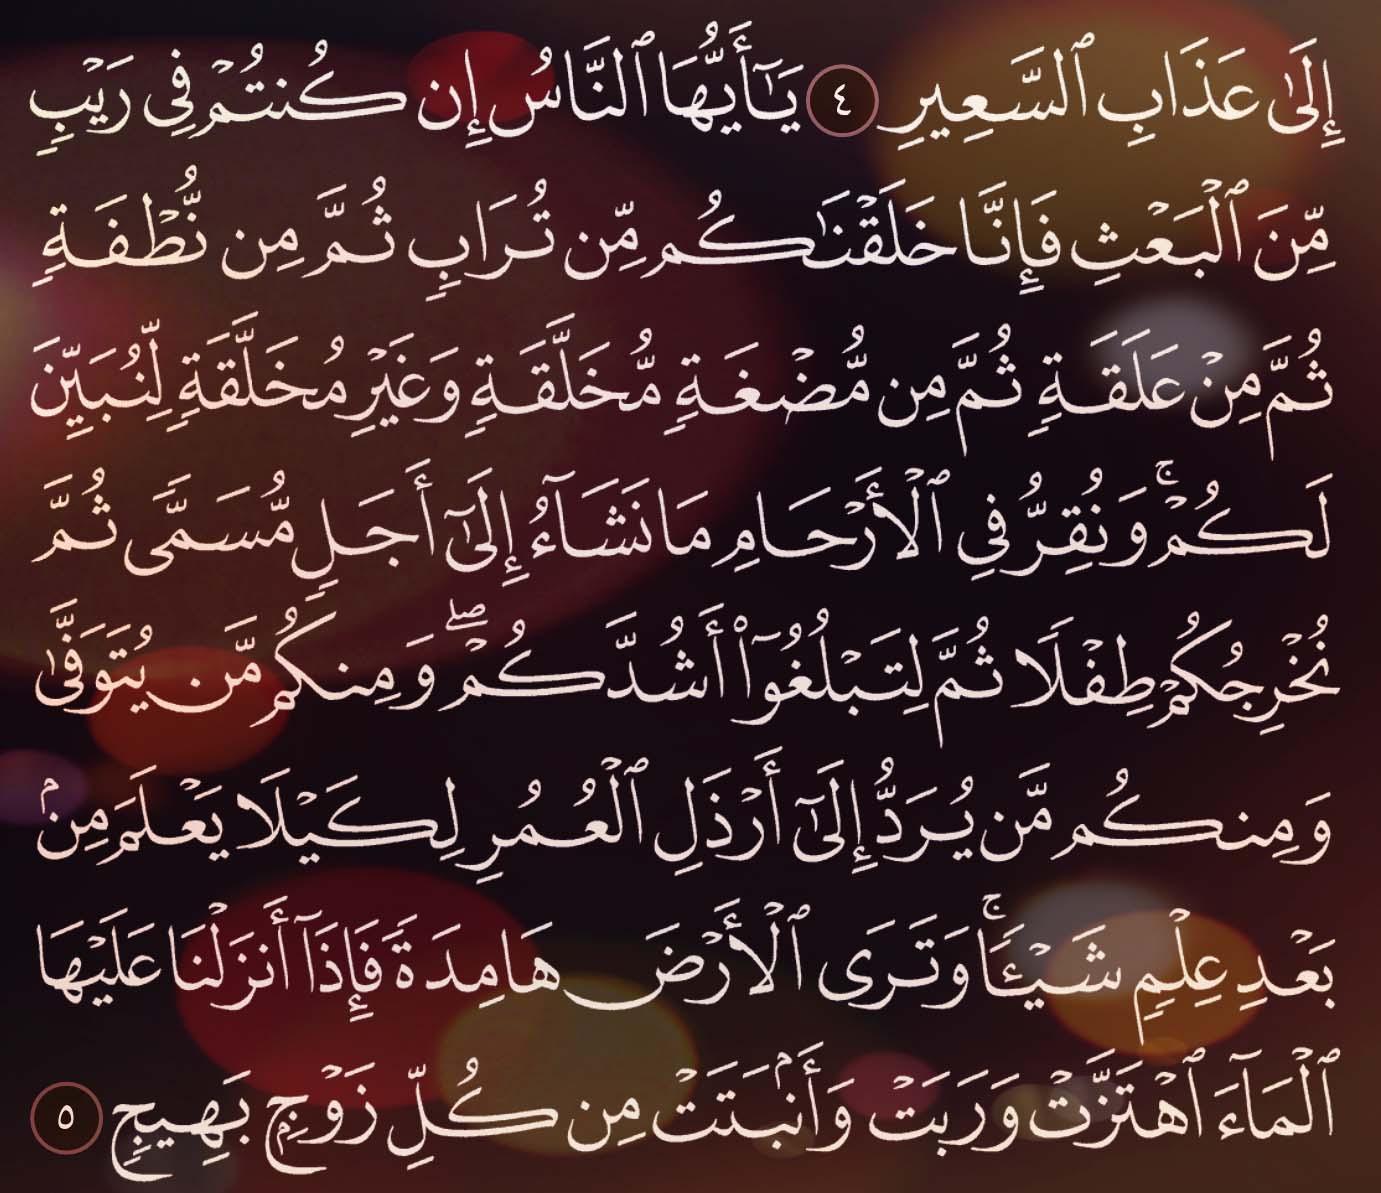 شرح وتفسير سورة الحج Surah Al Hajj ( من الآية 1 إلى الاية 10 )